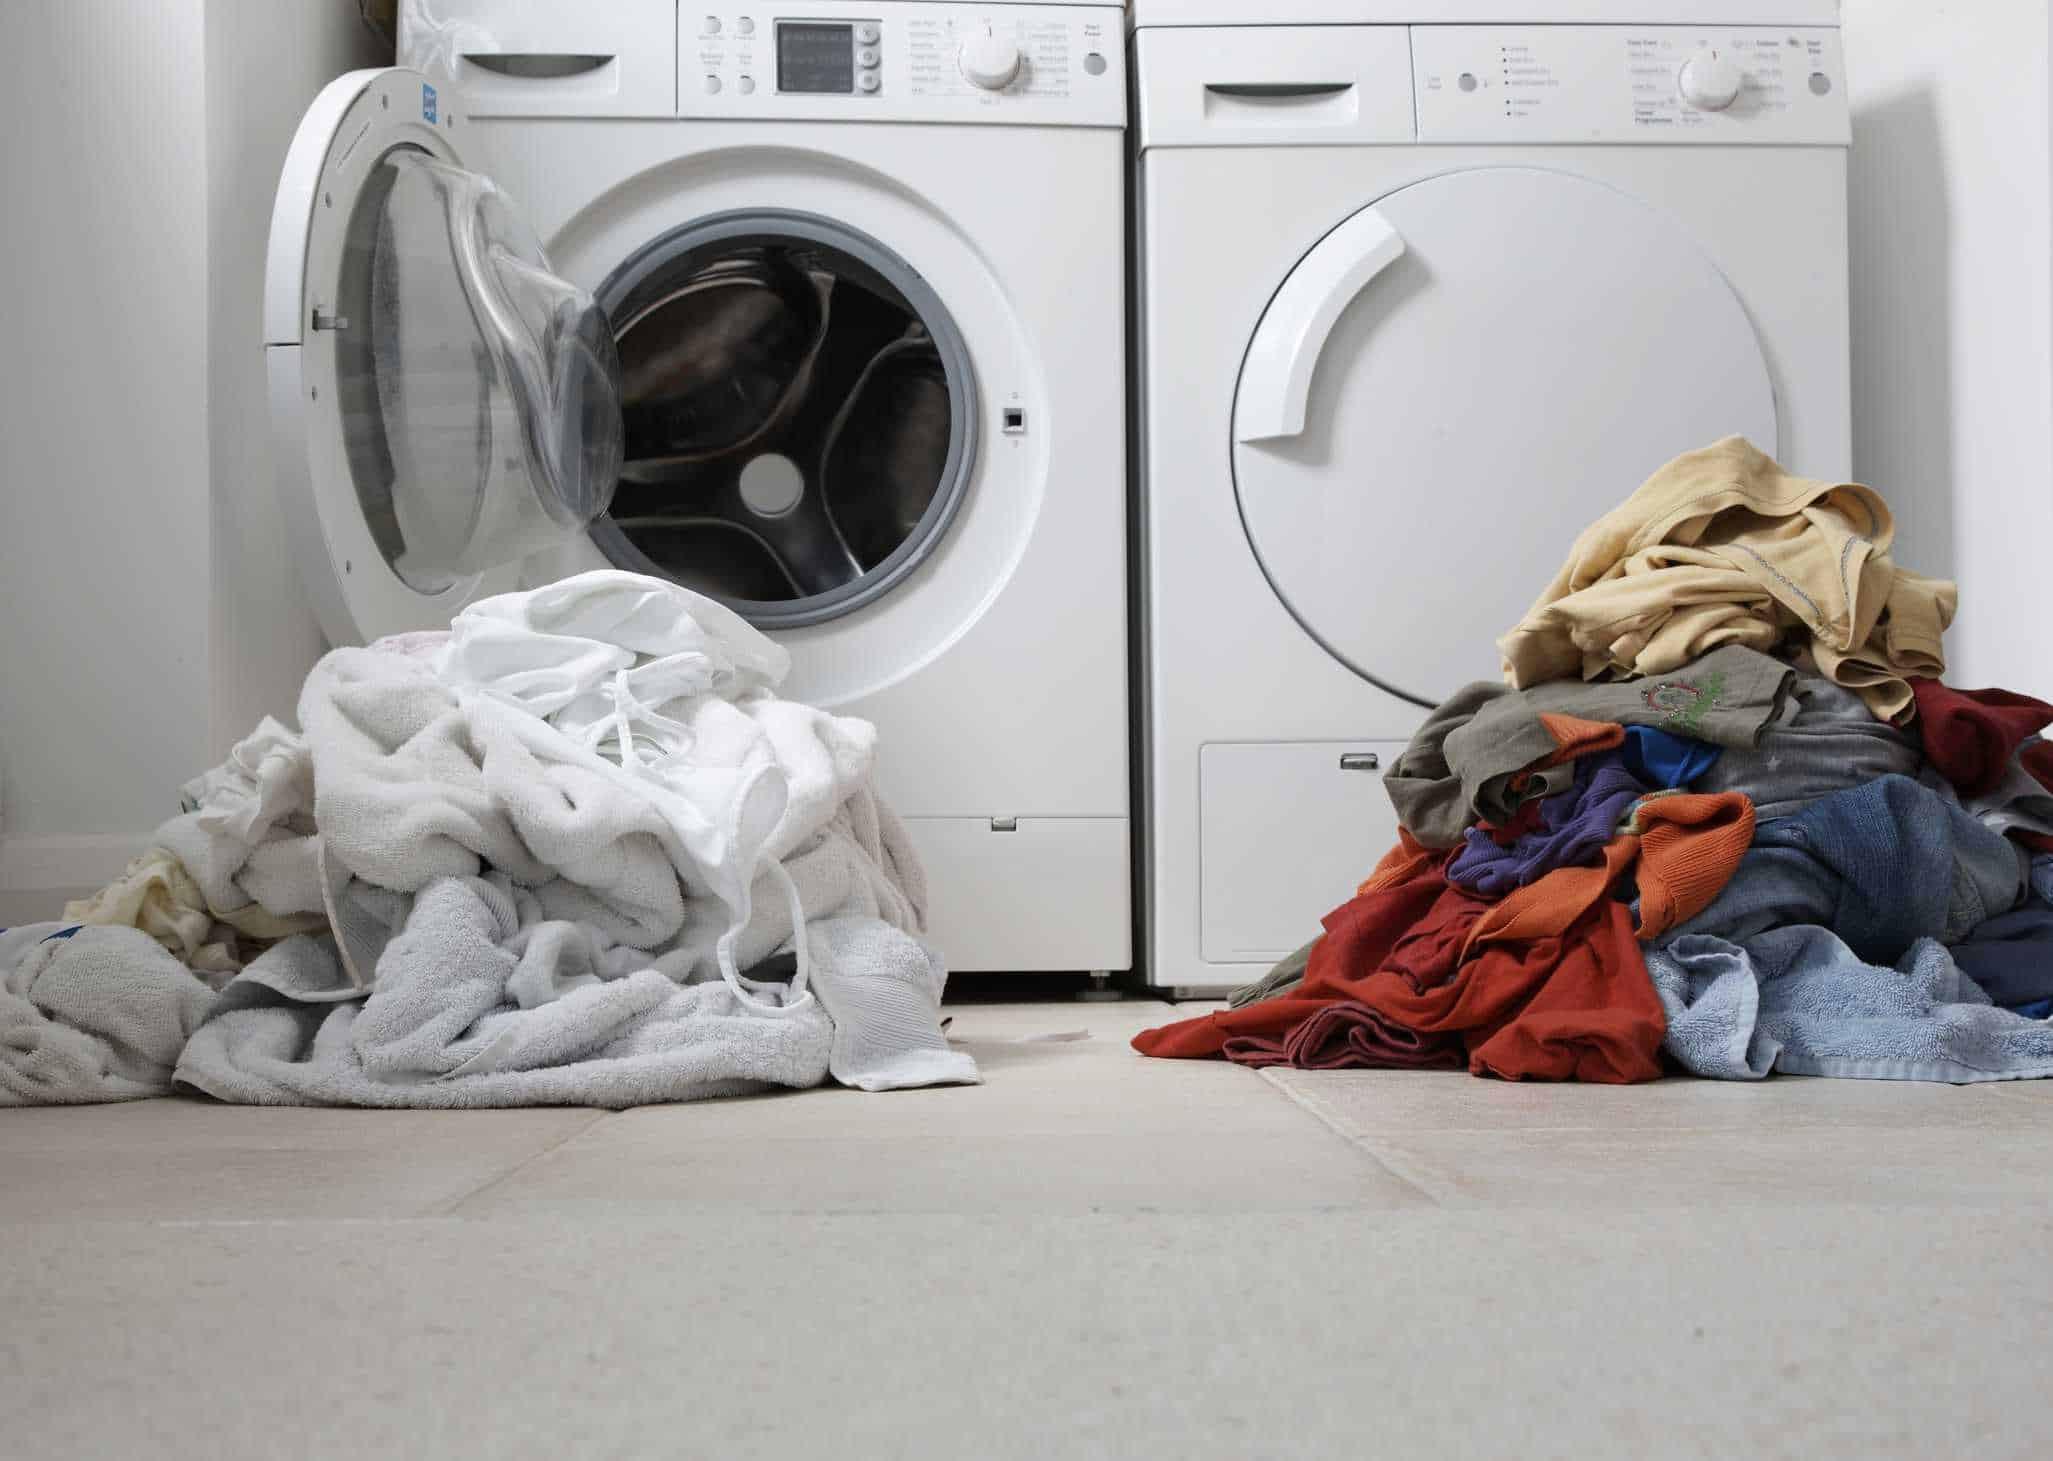 أخطاء شائعة في الغسيل - عدم تصنيف الغسيل